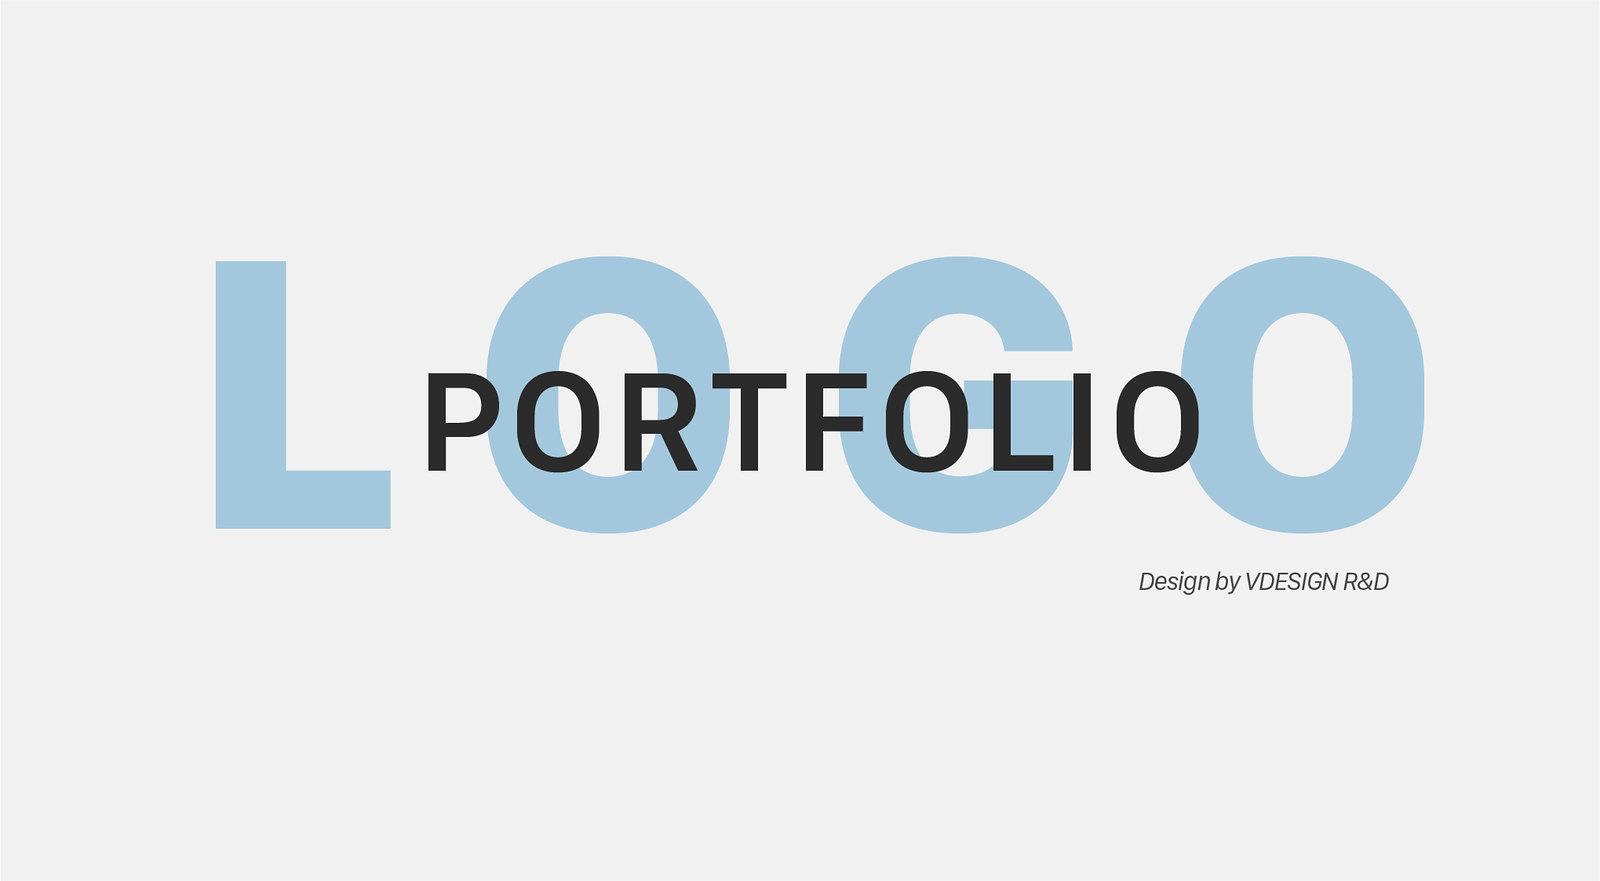 Graphic Design - Vdesign R&D